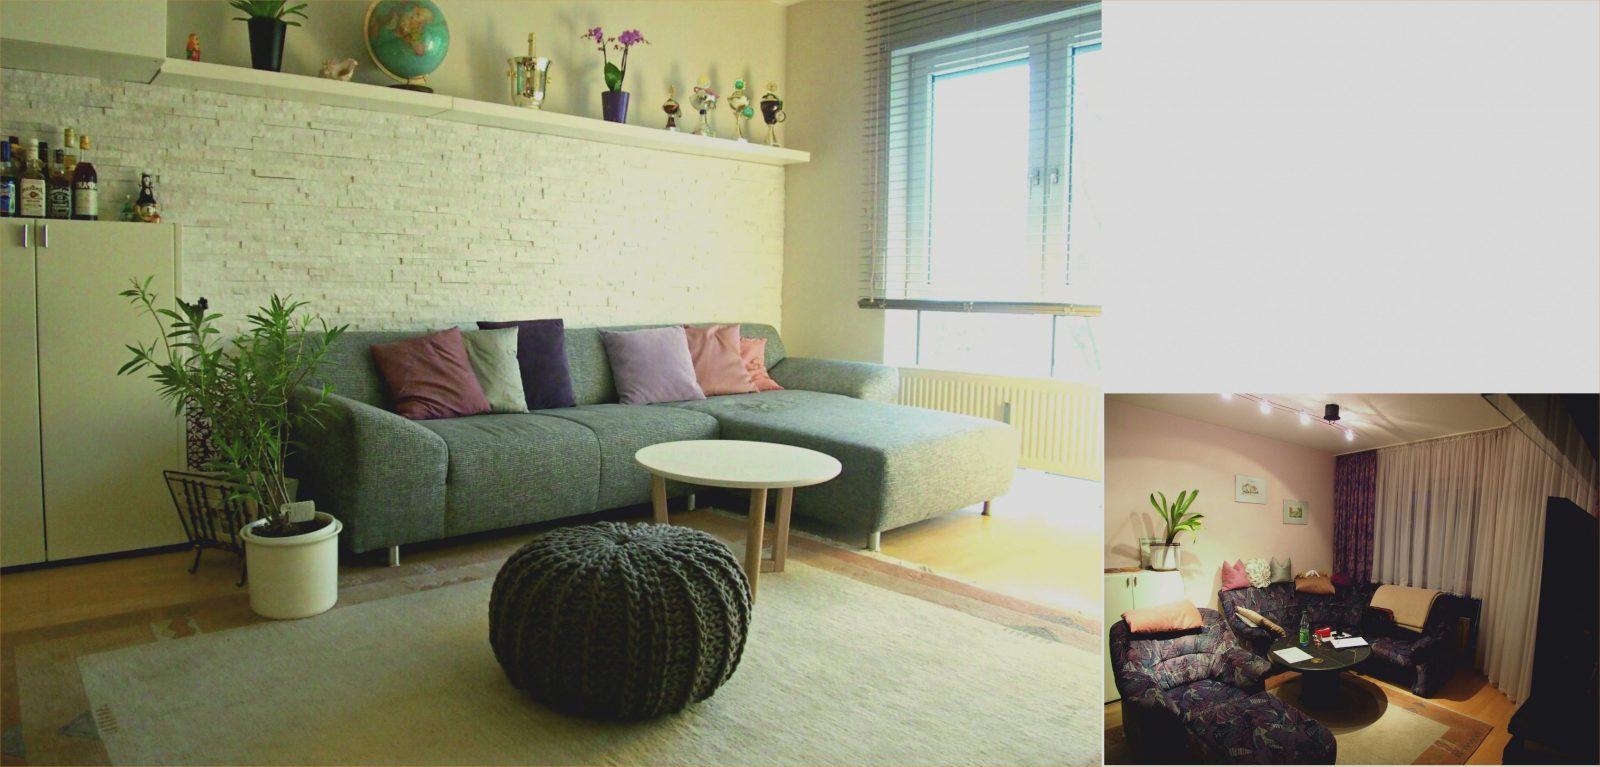 Wohnzimmer Komplett Neu Gestalten Ideen Neu 23 Elegant Von Von von Wohnzimmer Komplett Neu Gestalten Ideen Bild